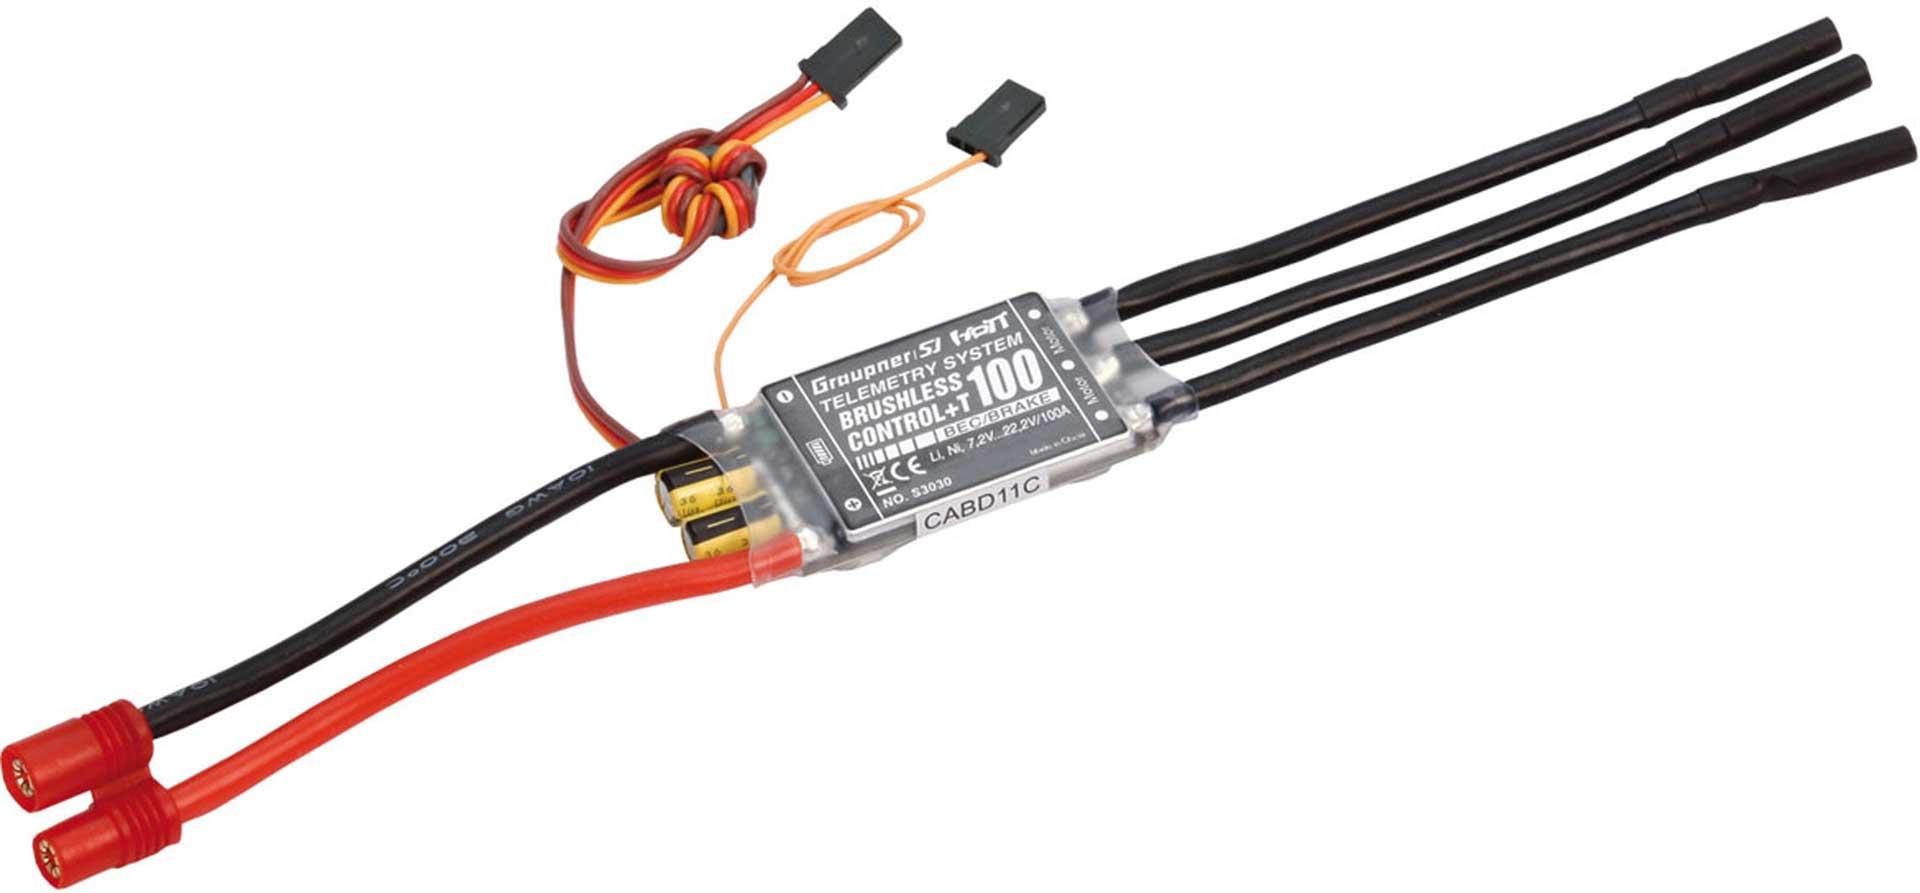 GRAUPNER BRUSHLESS CONTROL+ T 100 BEC G6 2-6S